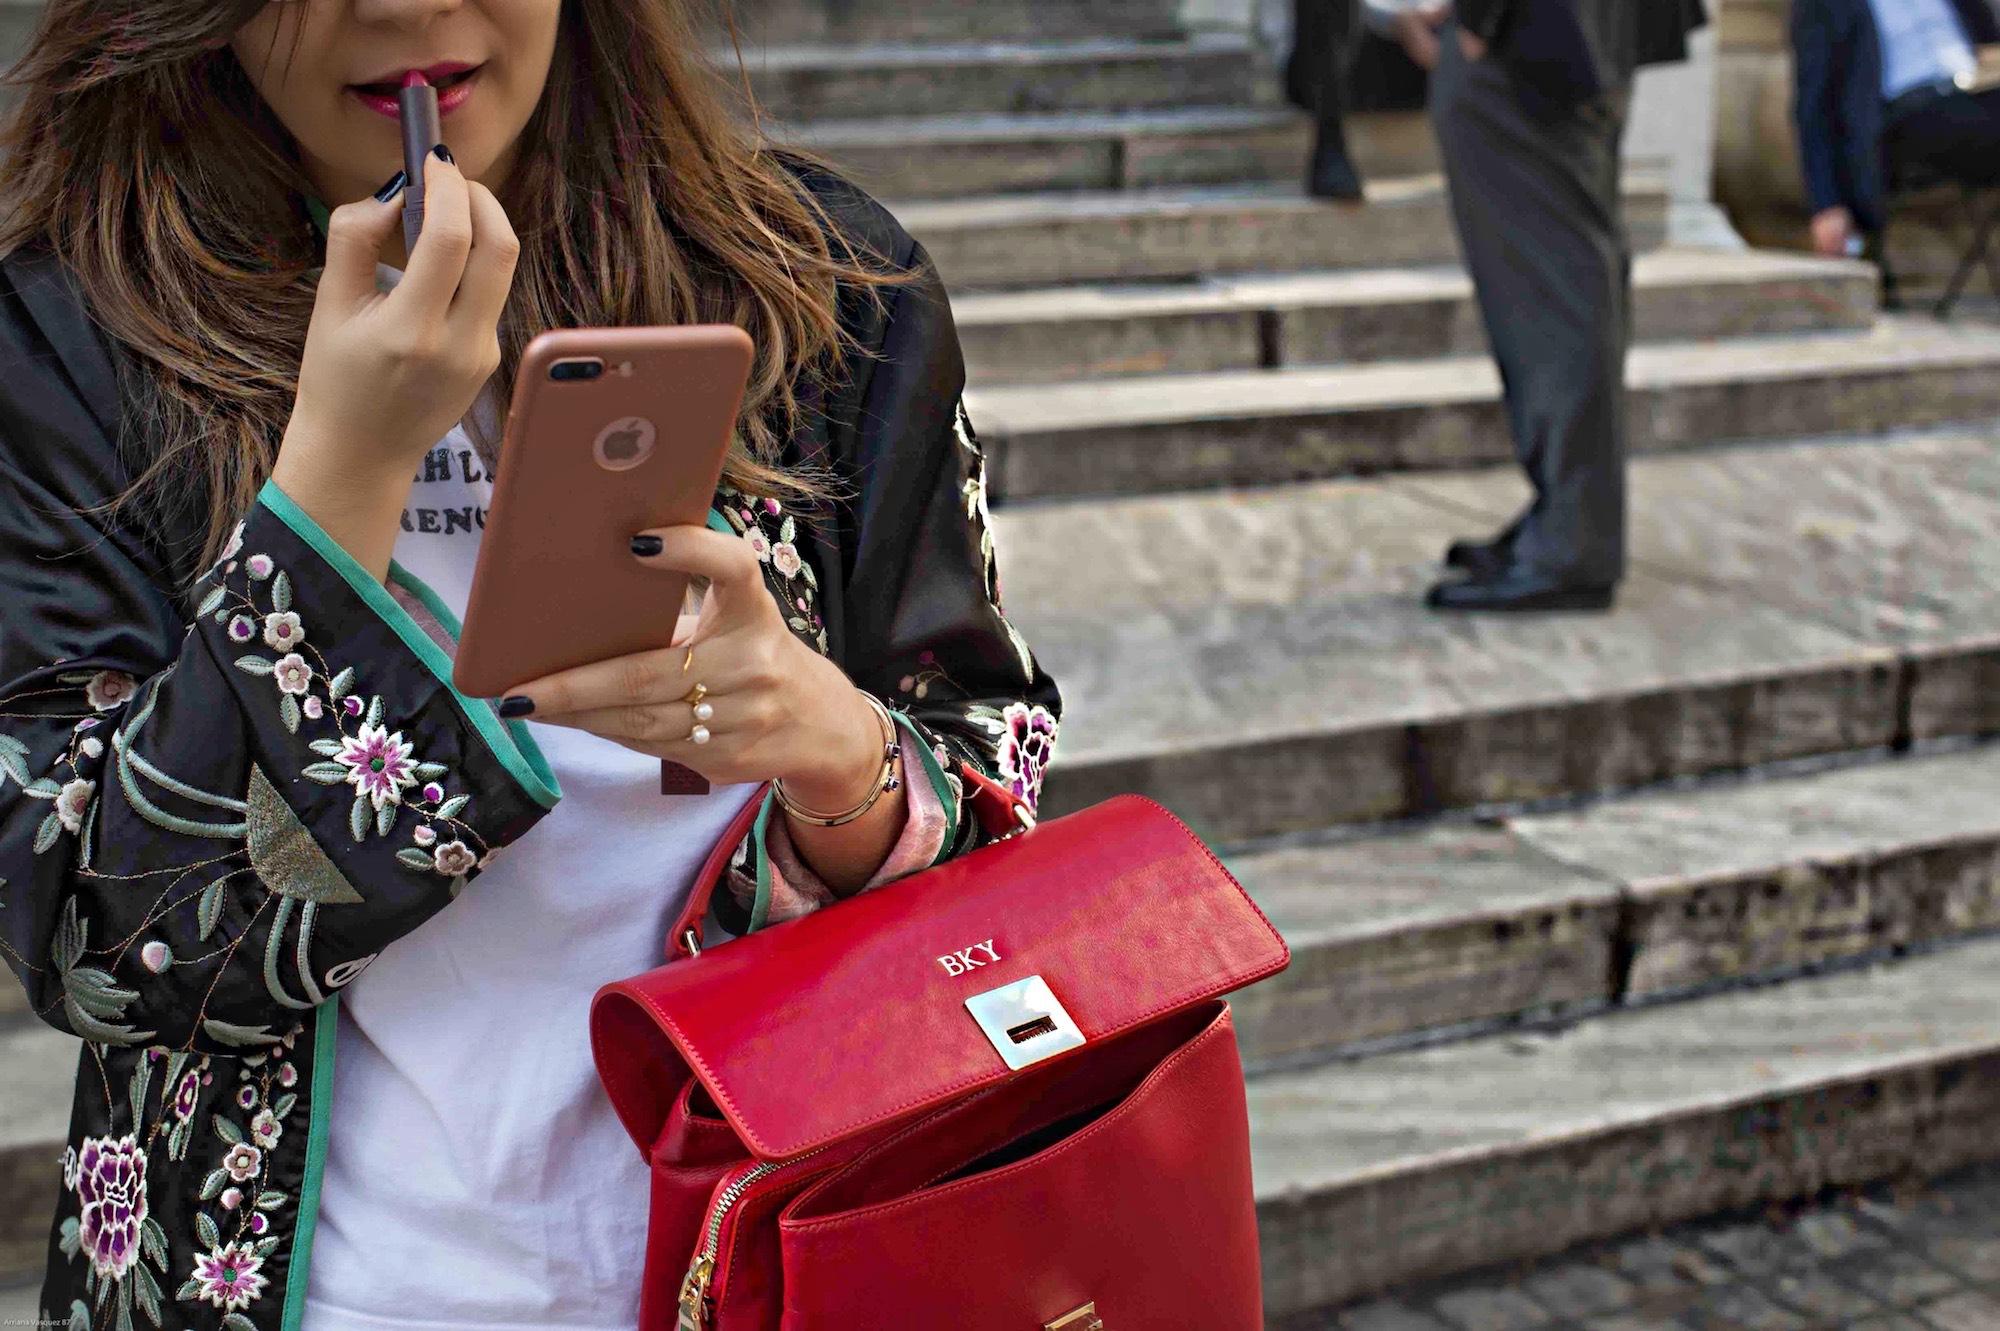 kimono-velvet-mary-jane-red-handle-bag-new-york-library-2